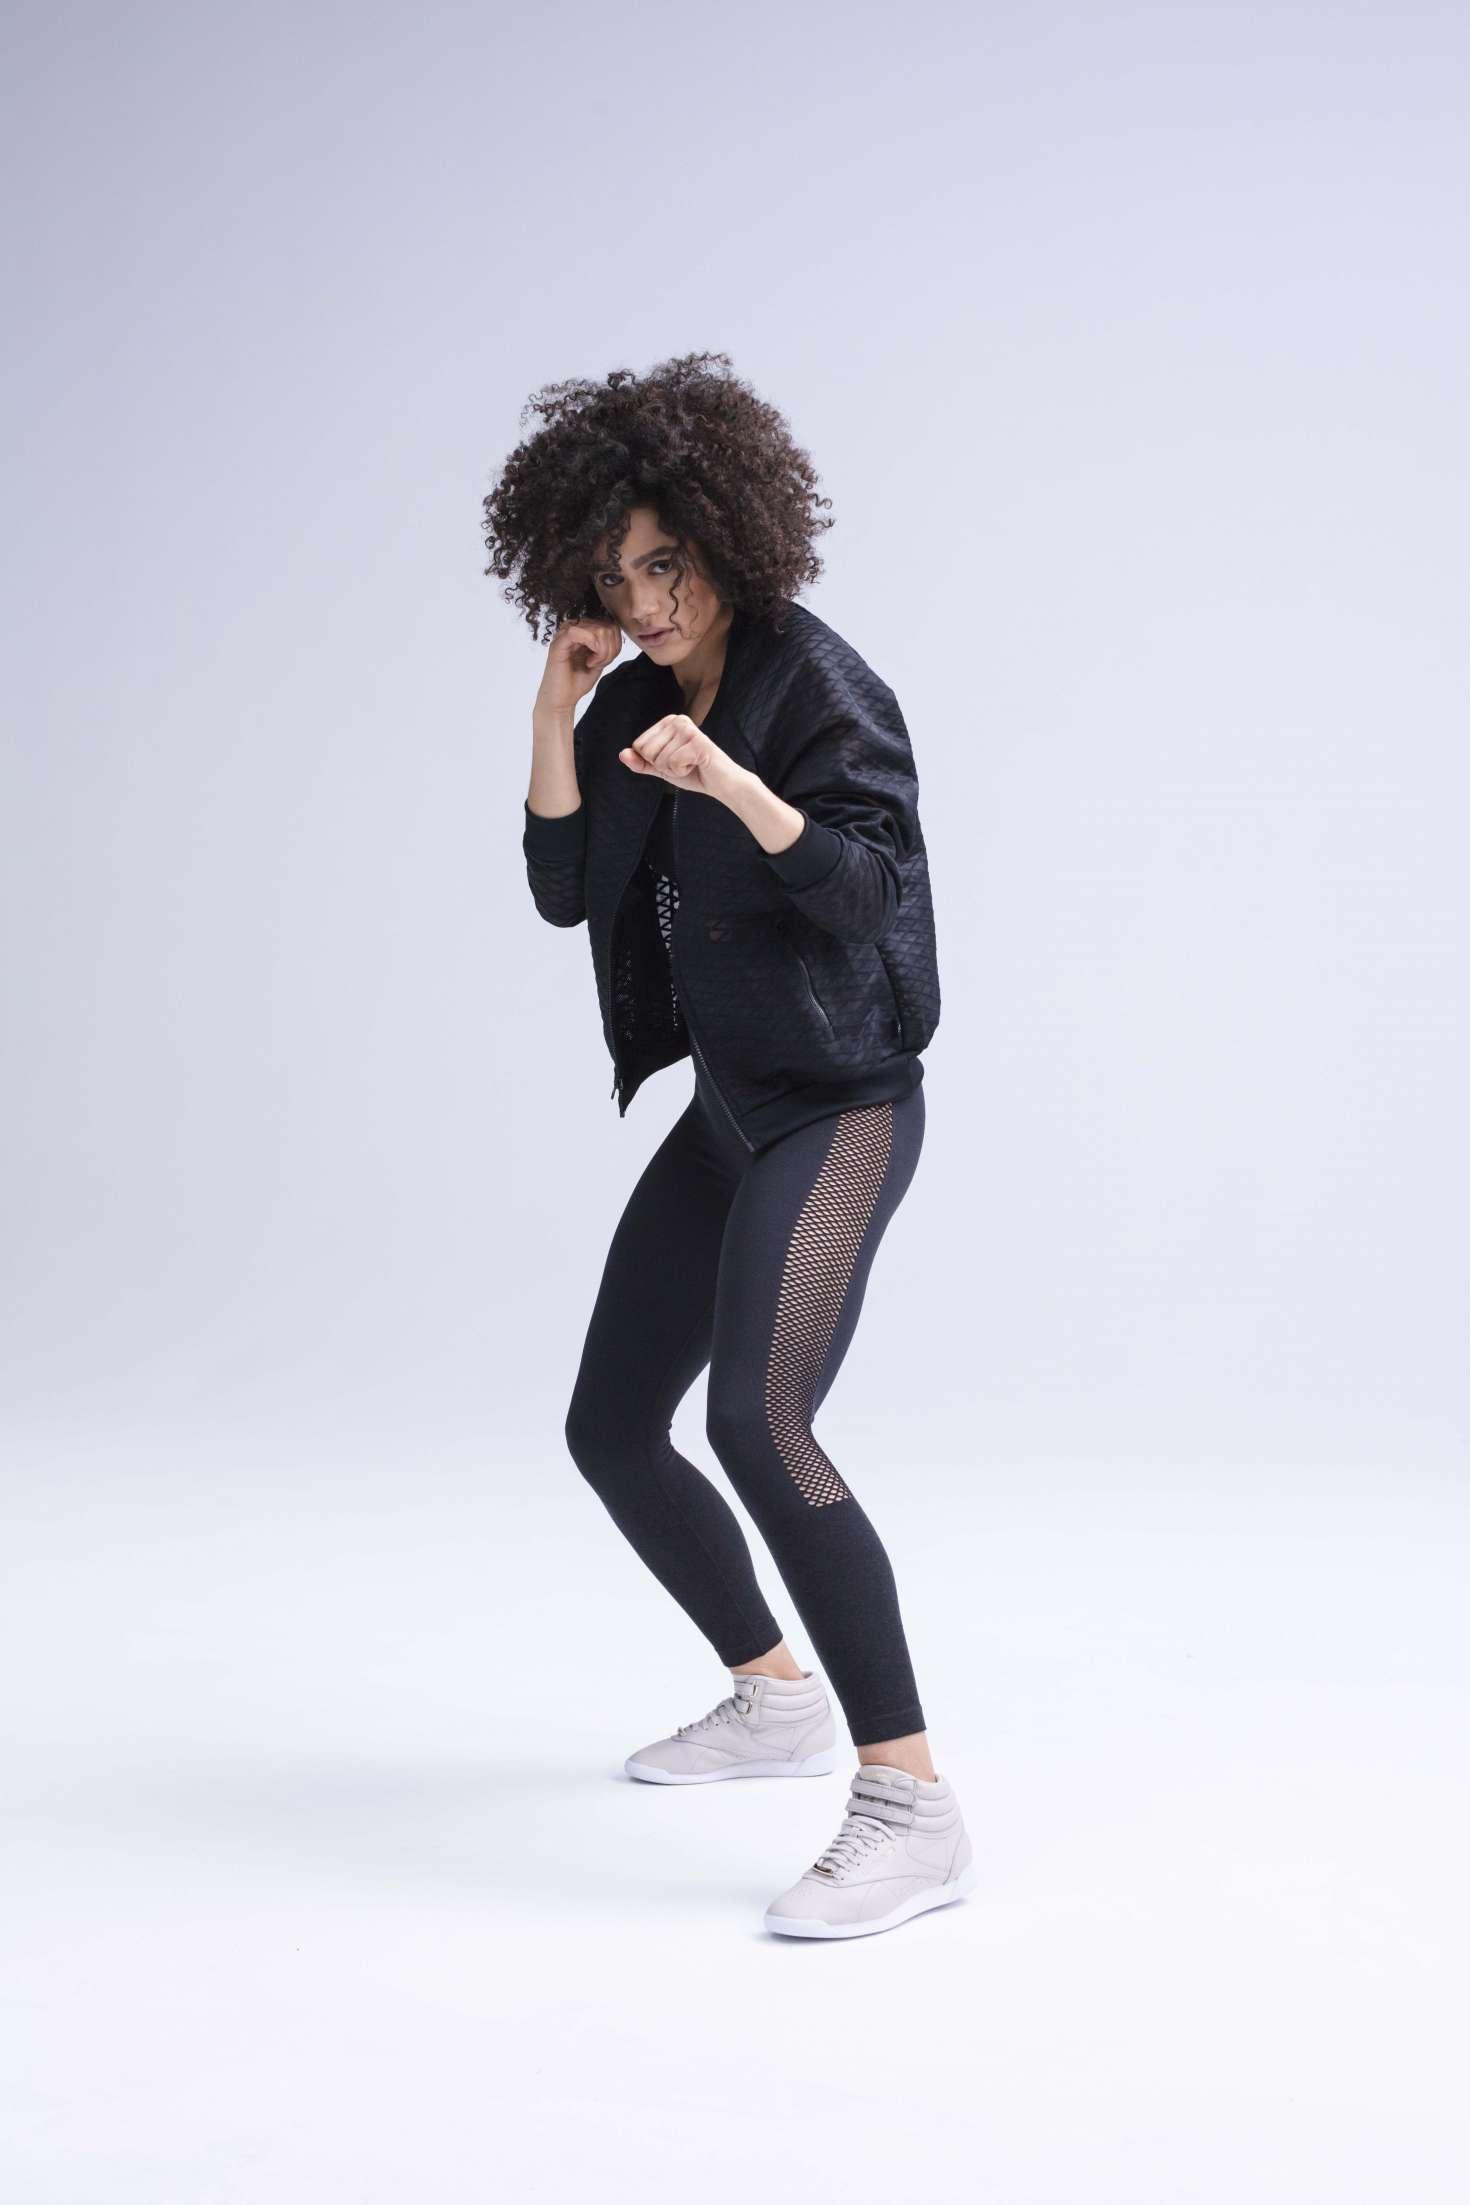 Nathalie Emmanuel 2018 : Nathalie Emmanuel for Reebok Womens Training Collection 2018 -03